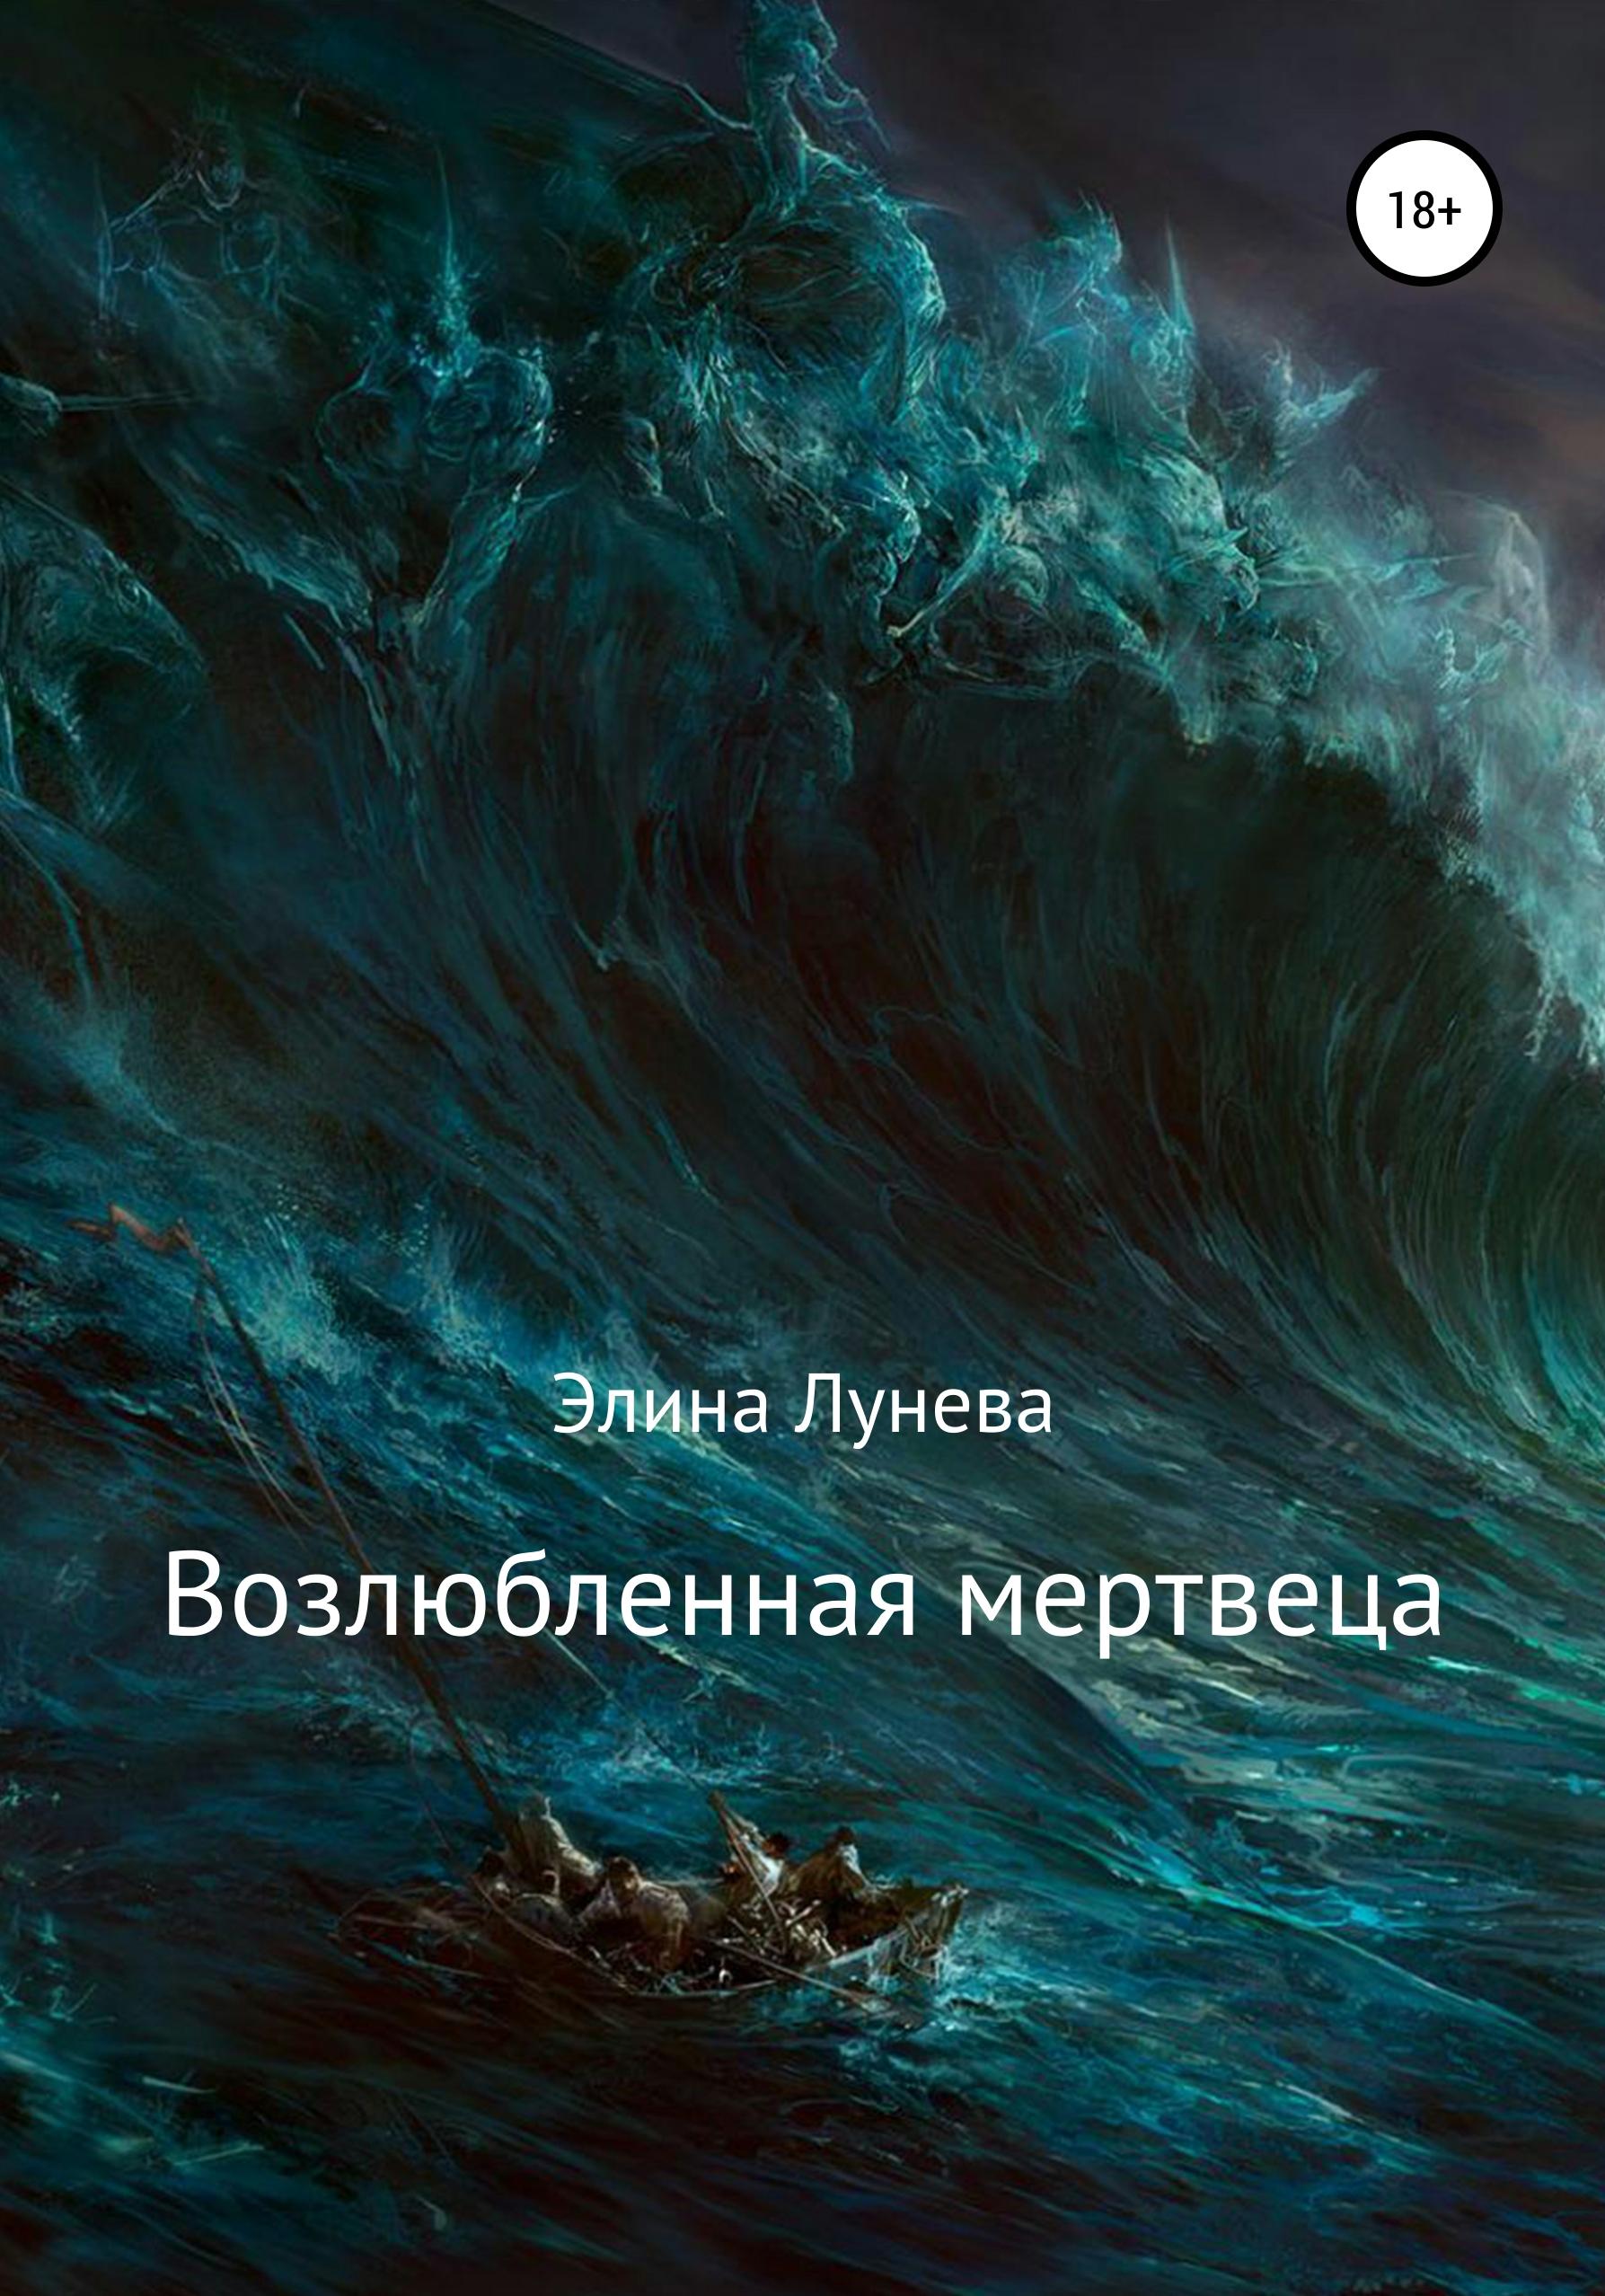 Купить книгу Возлюбленная мертвеца, автора Элины Луневой